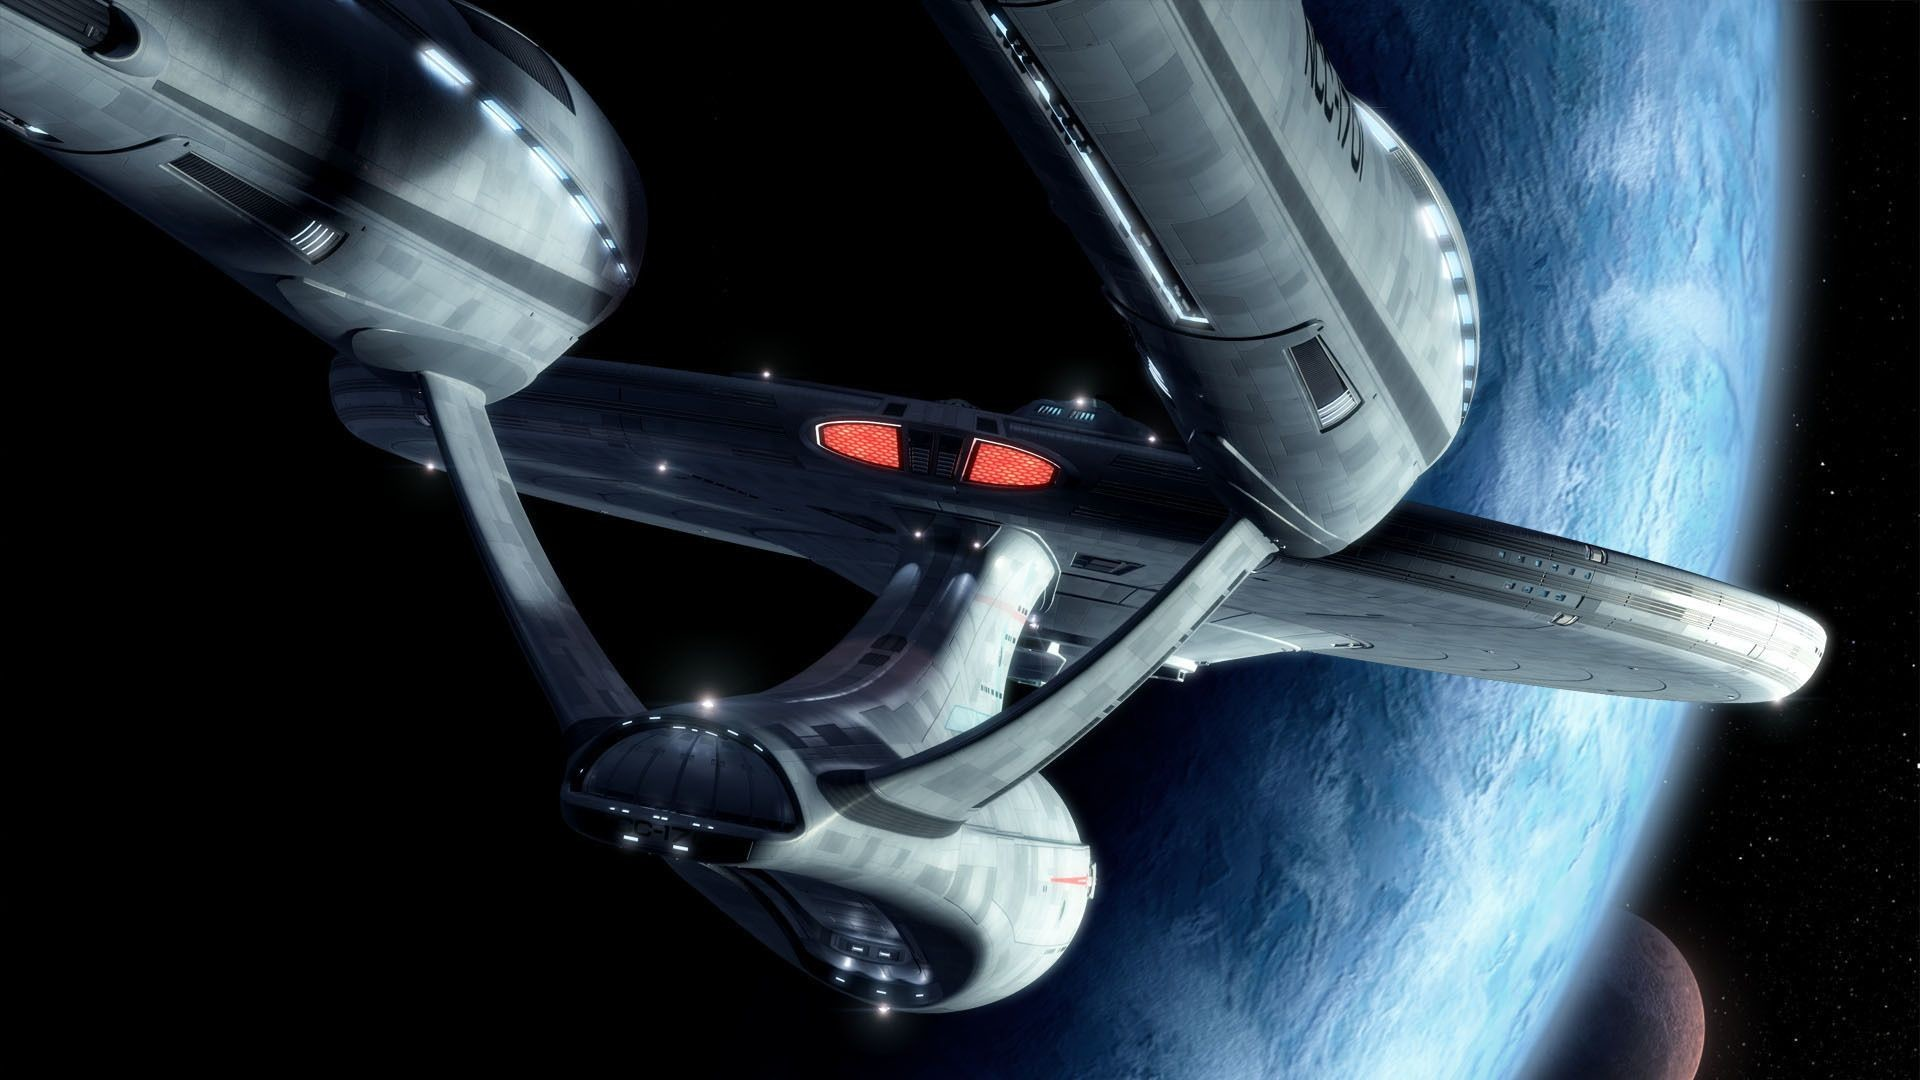 Star Trek Computer Wallpapers, Desktop Backgrounds